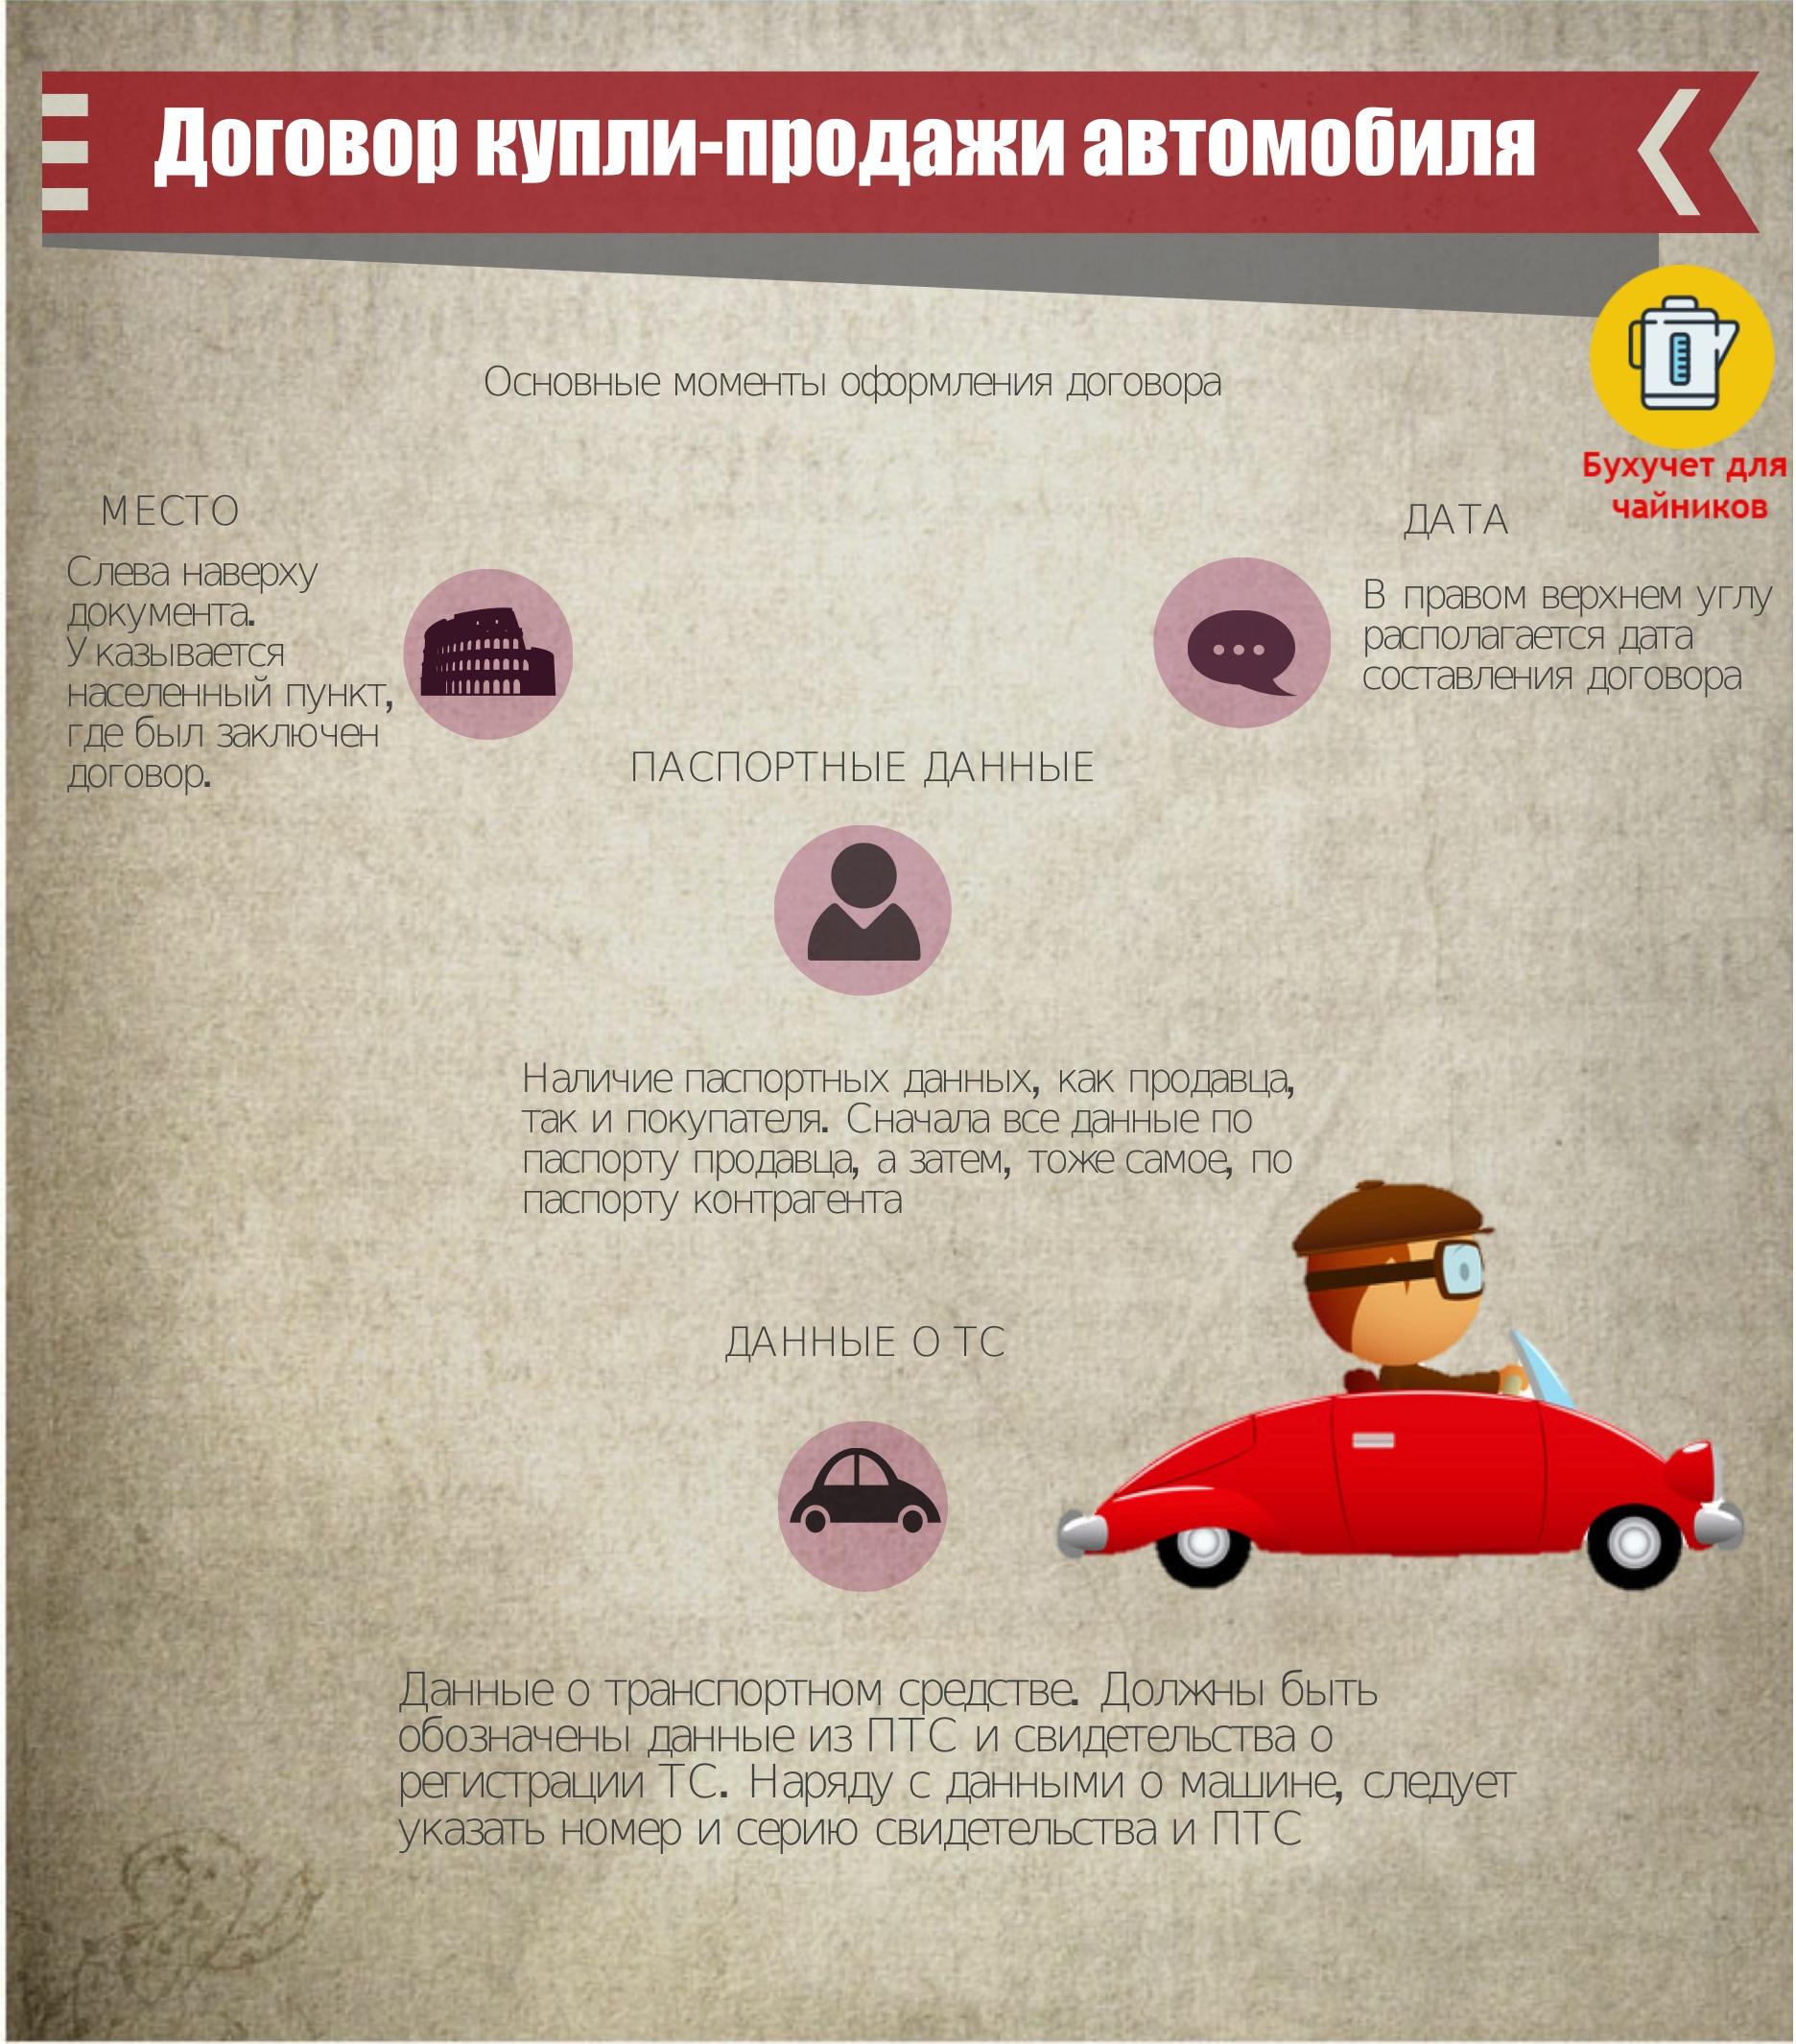 договор комиссии при покупке автомобиля образец